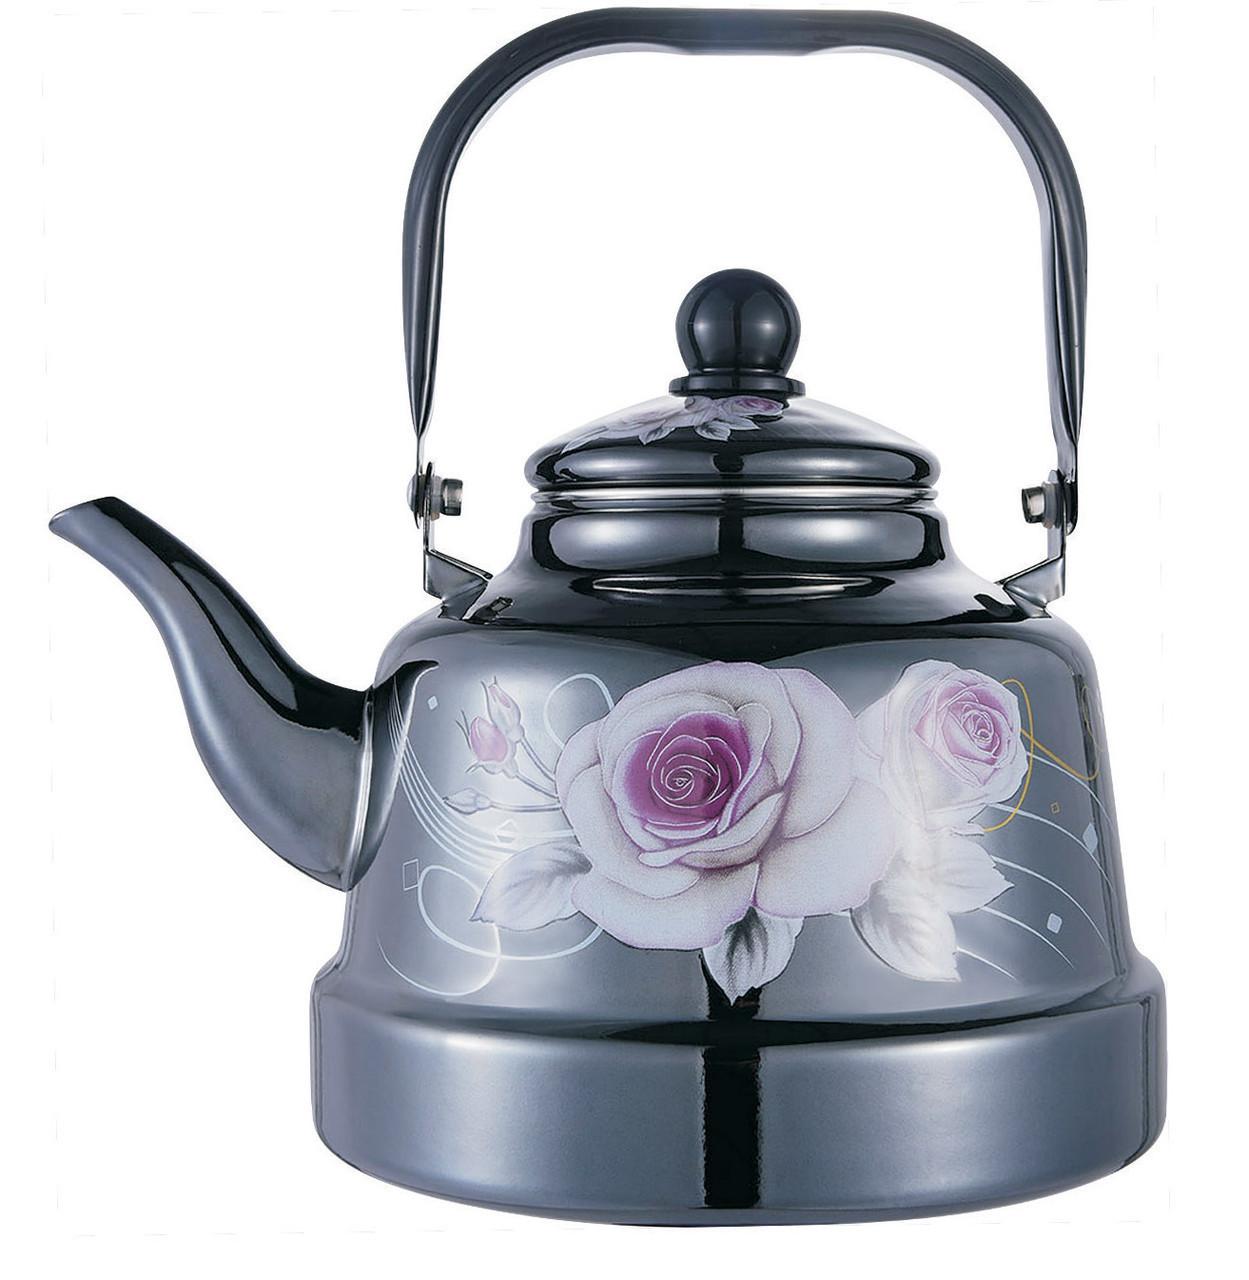 Емальований чайник з рухомою ручкою Benson BN-107 чорний з малюнком (3.3 л)